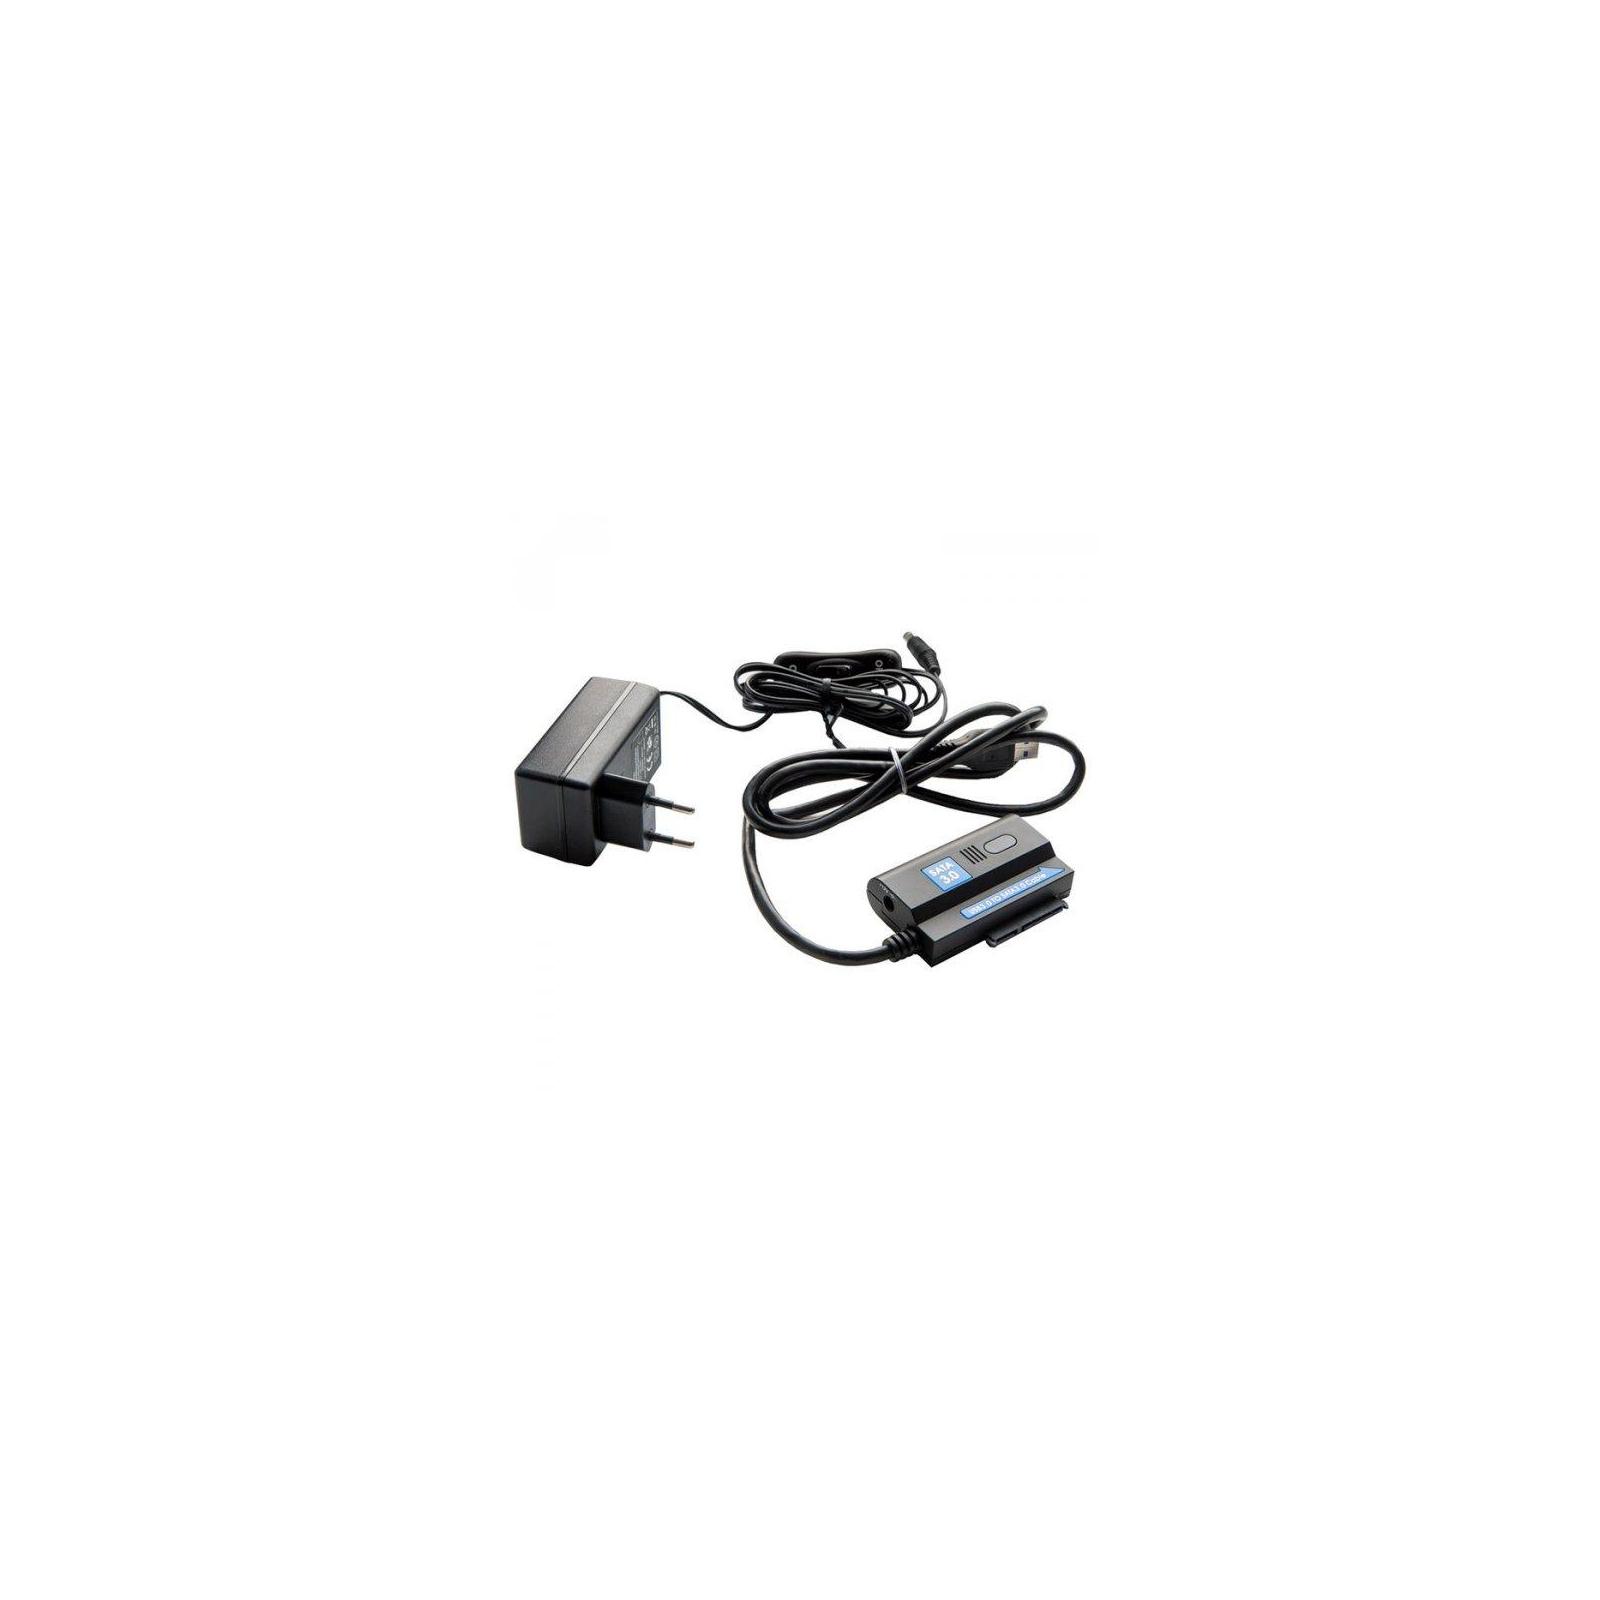 Переходник USB3.0 to SATA3.0 Wiretek (WK-UST3) изображение 2